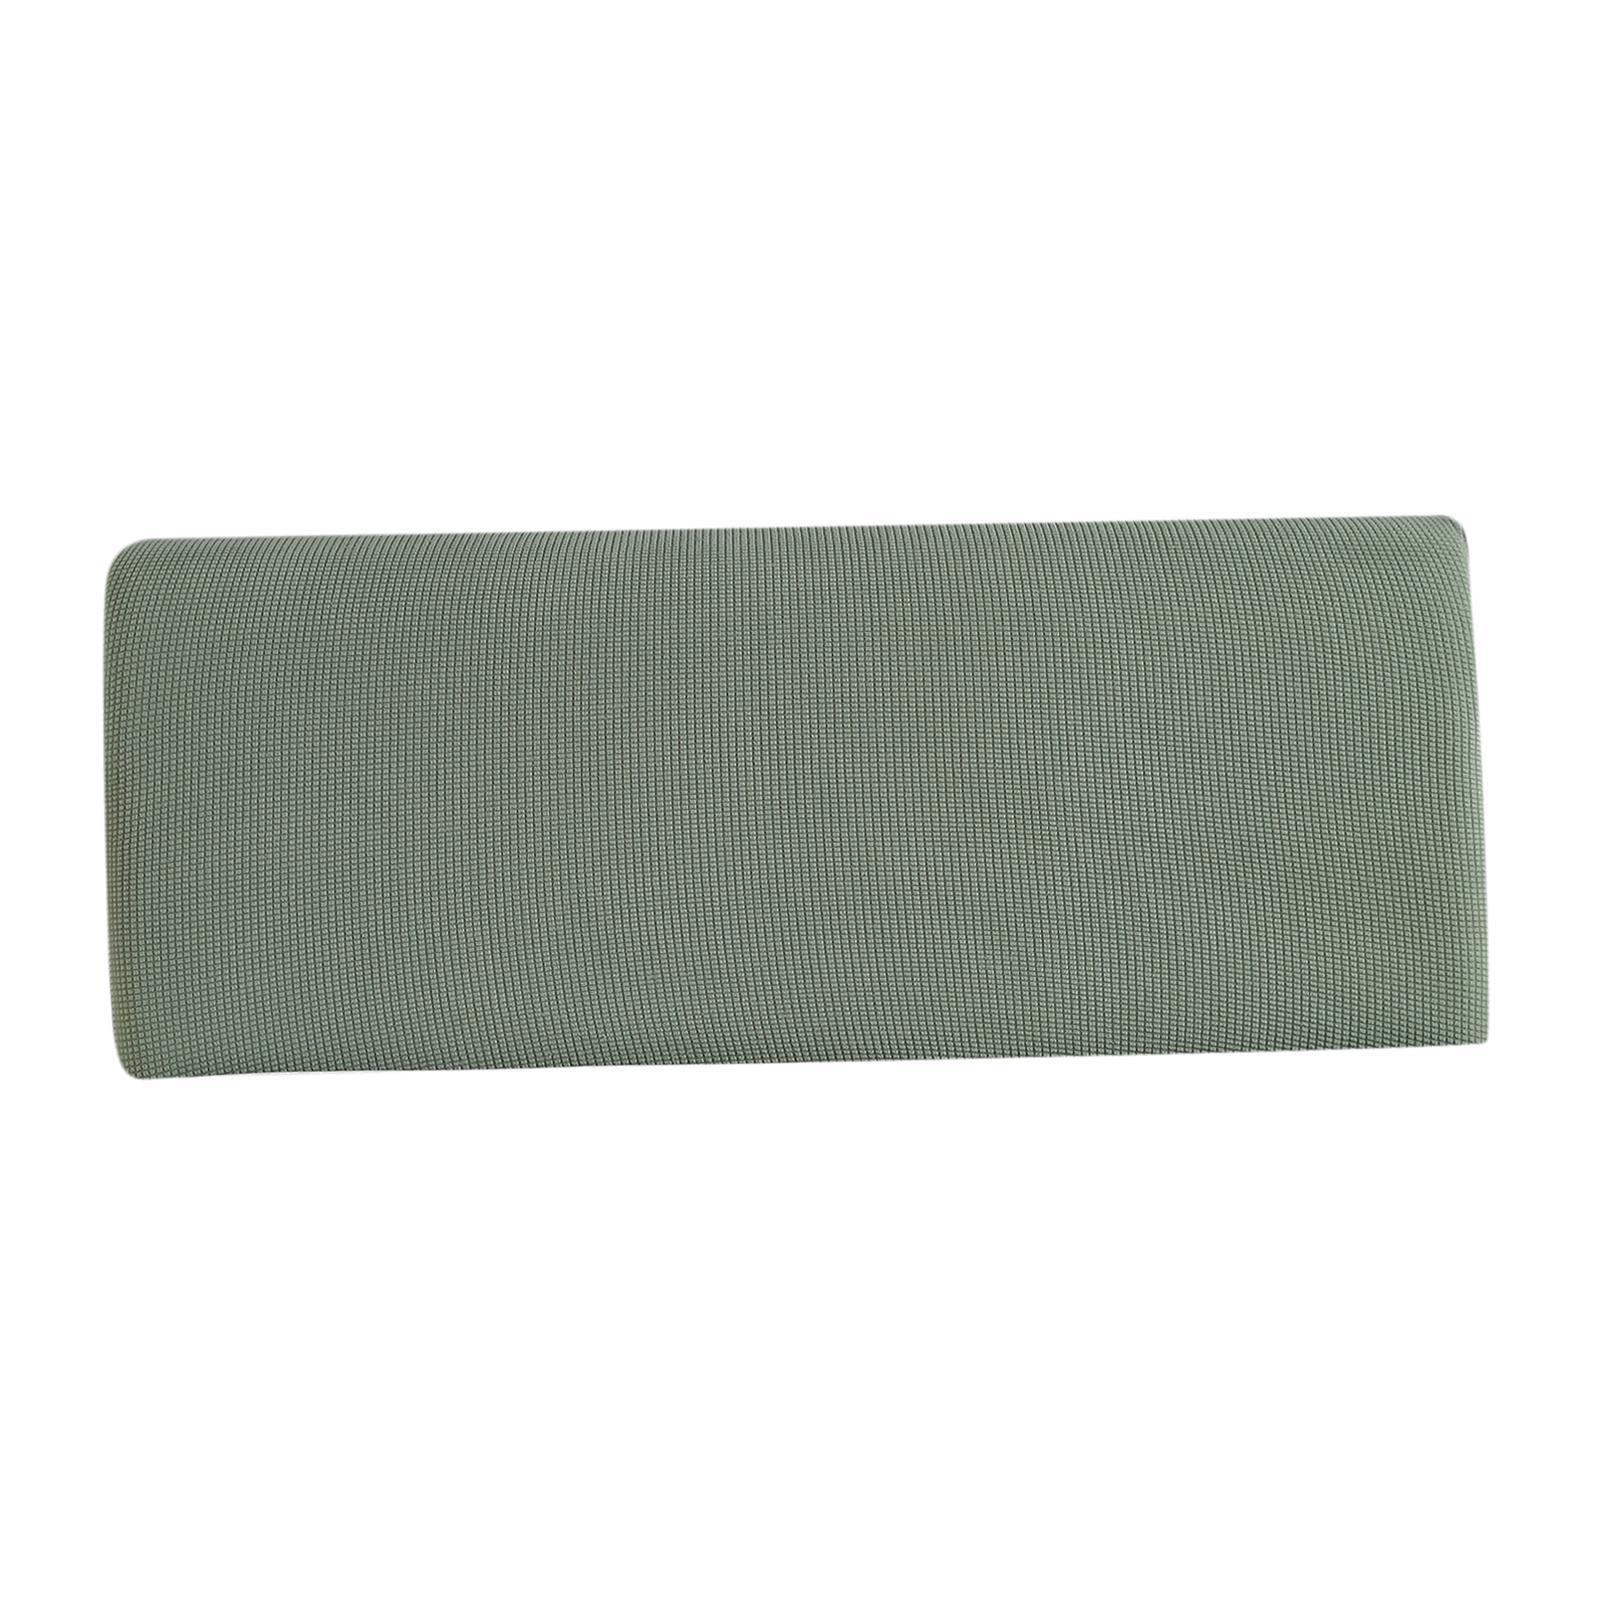 miniatura 6 - Fodera-per-testiera-letto-elasticizzata-Fodera-per-testata-letto-Protezione